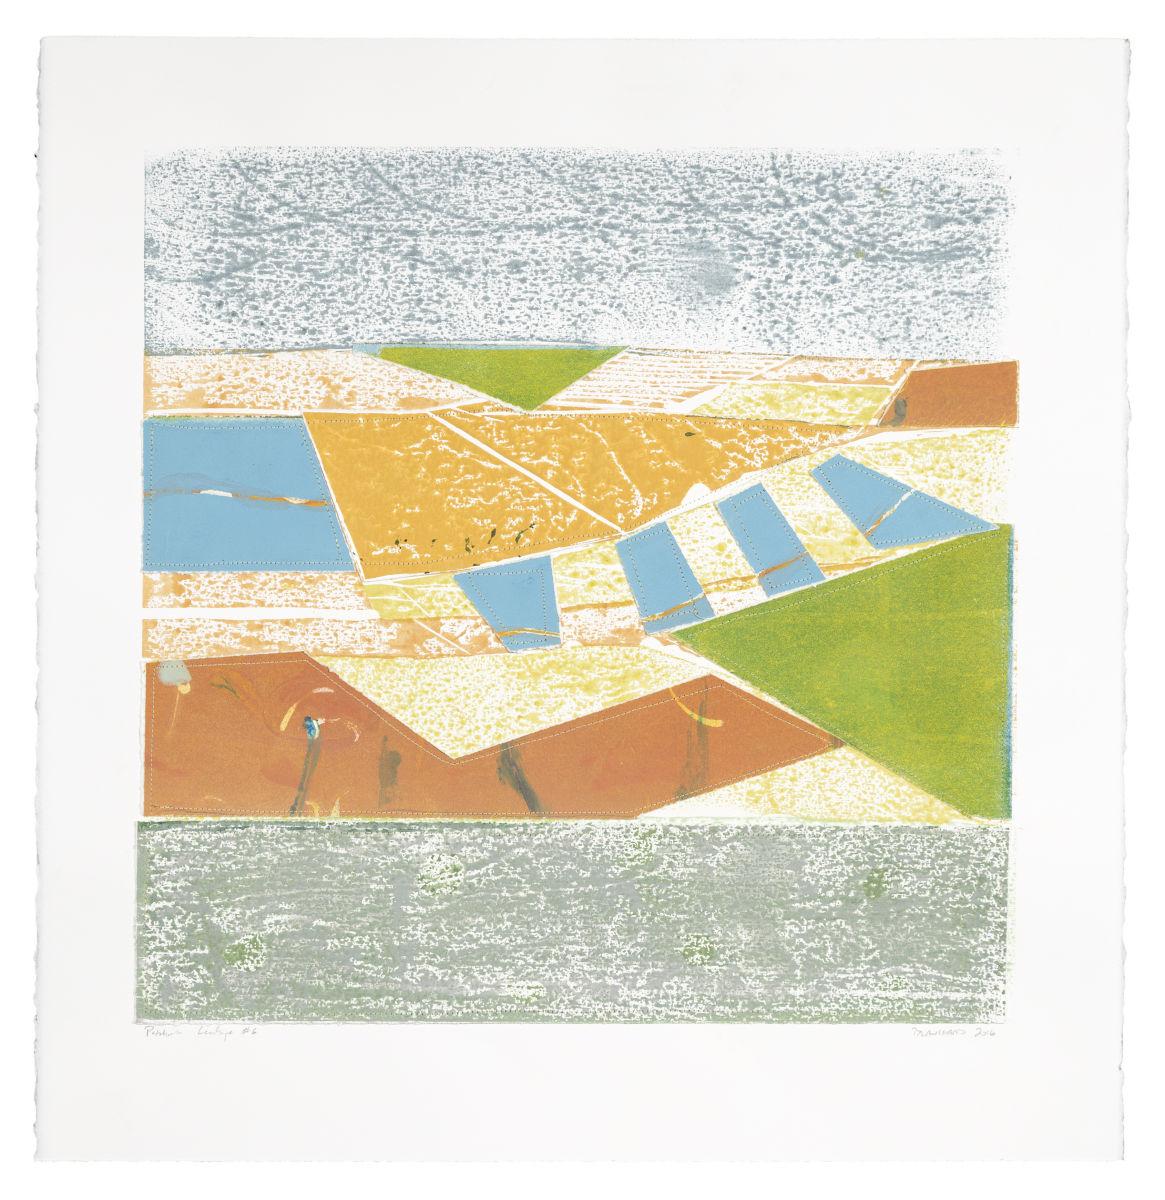 Patchwork Landscape #6